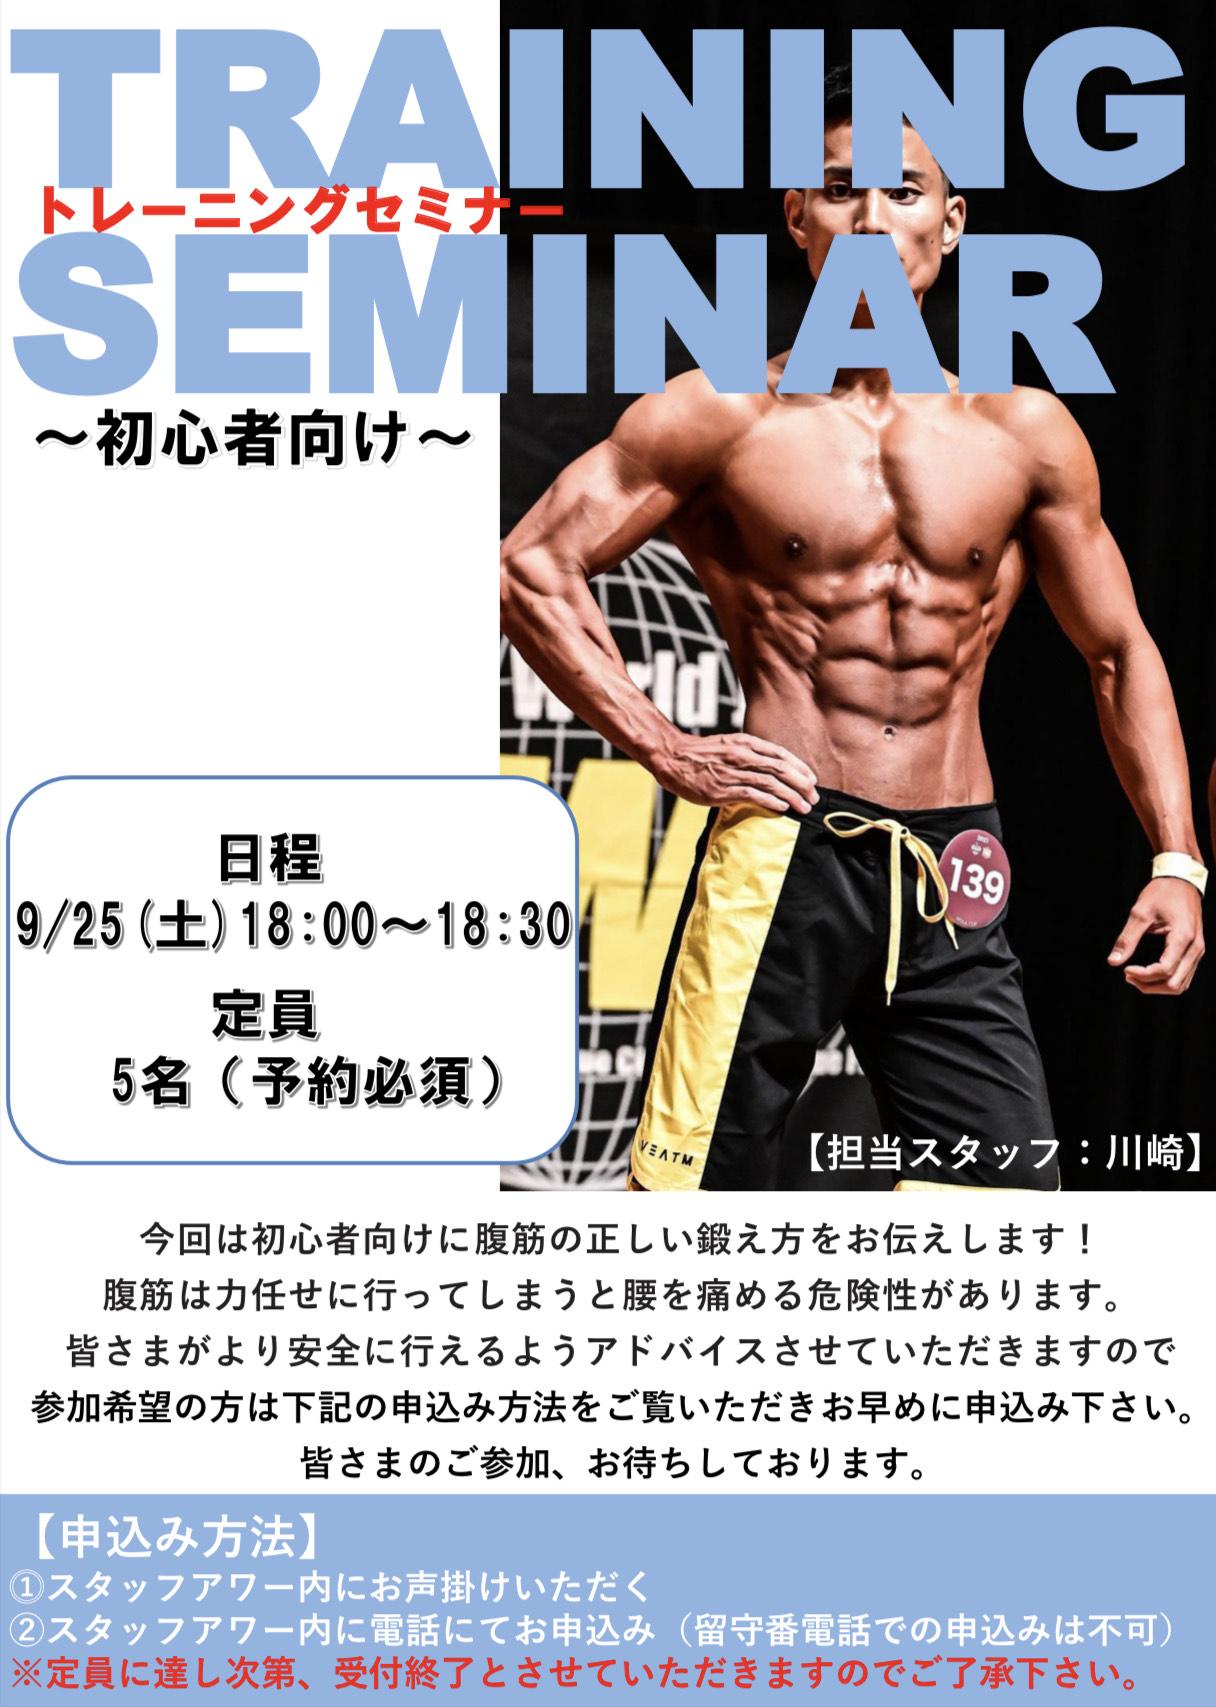 9/25(土)会員さま限定トレーニングセミナー開催のお知らせ(予約制)